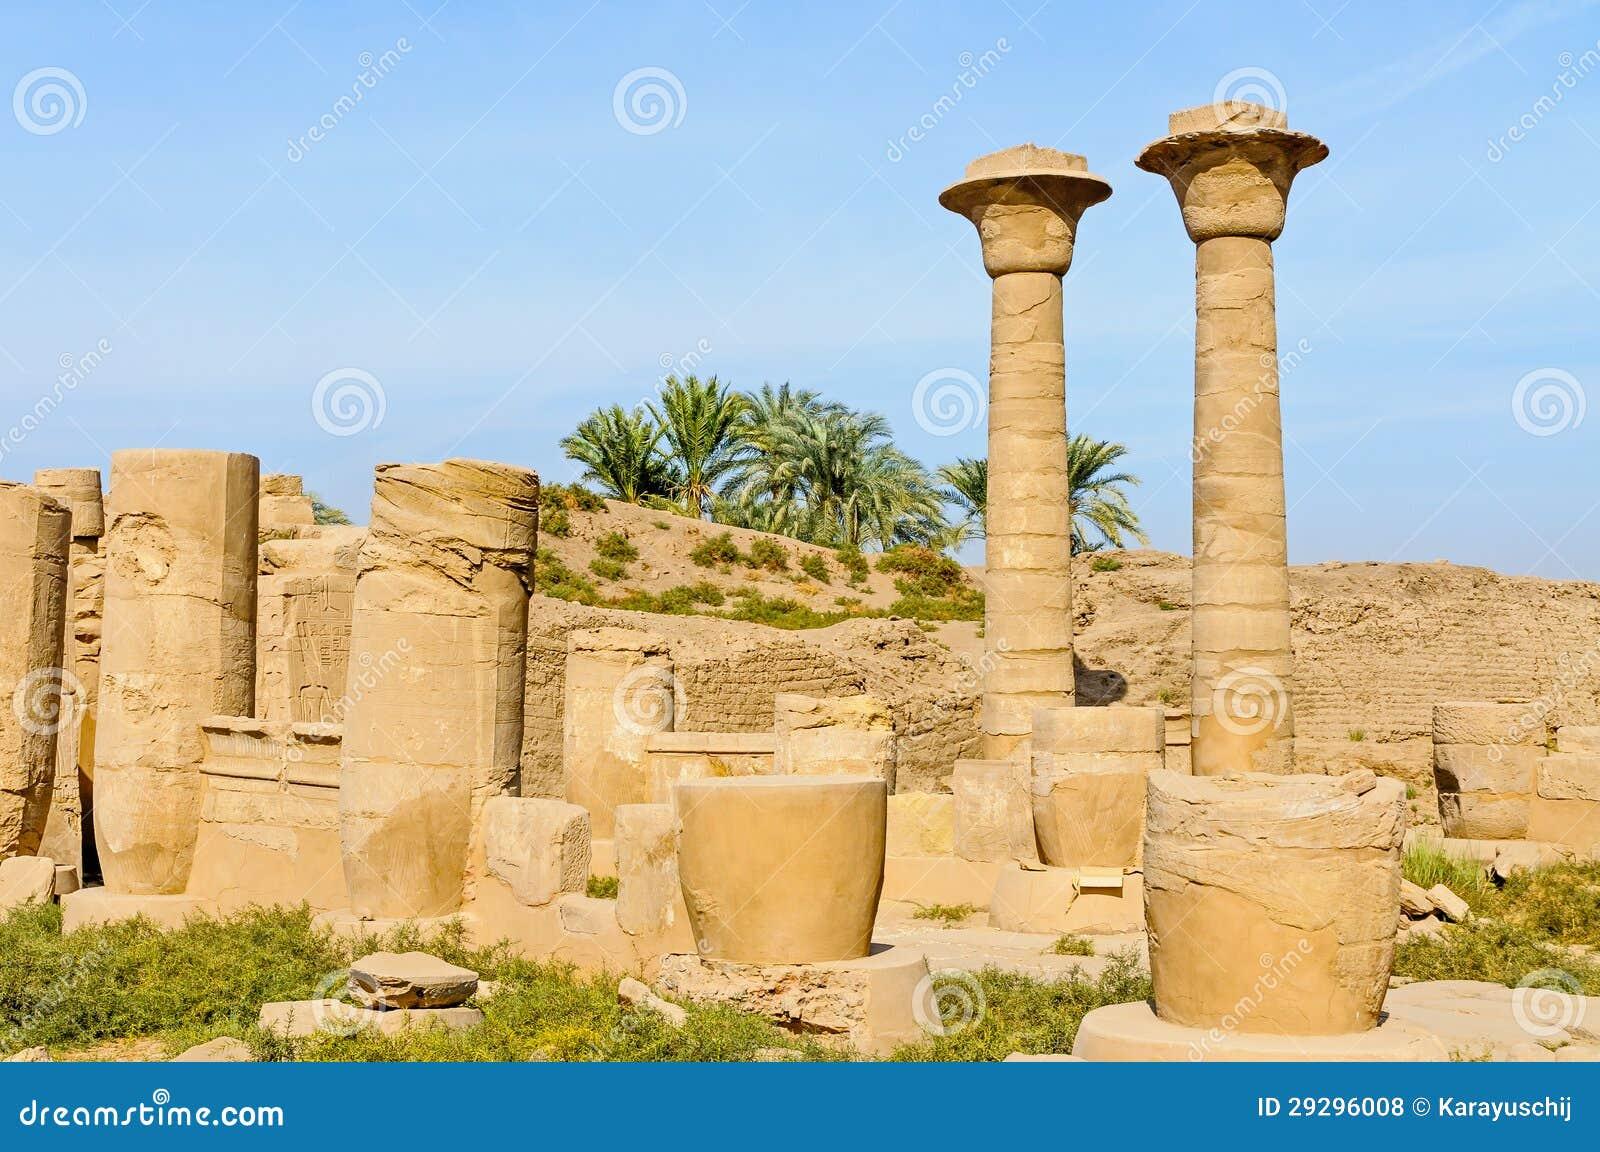 Templo de Karnak em Luxor, Egipto.